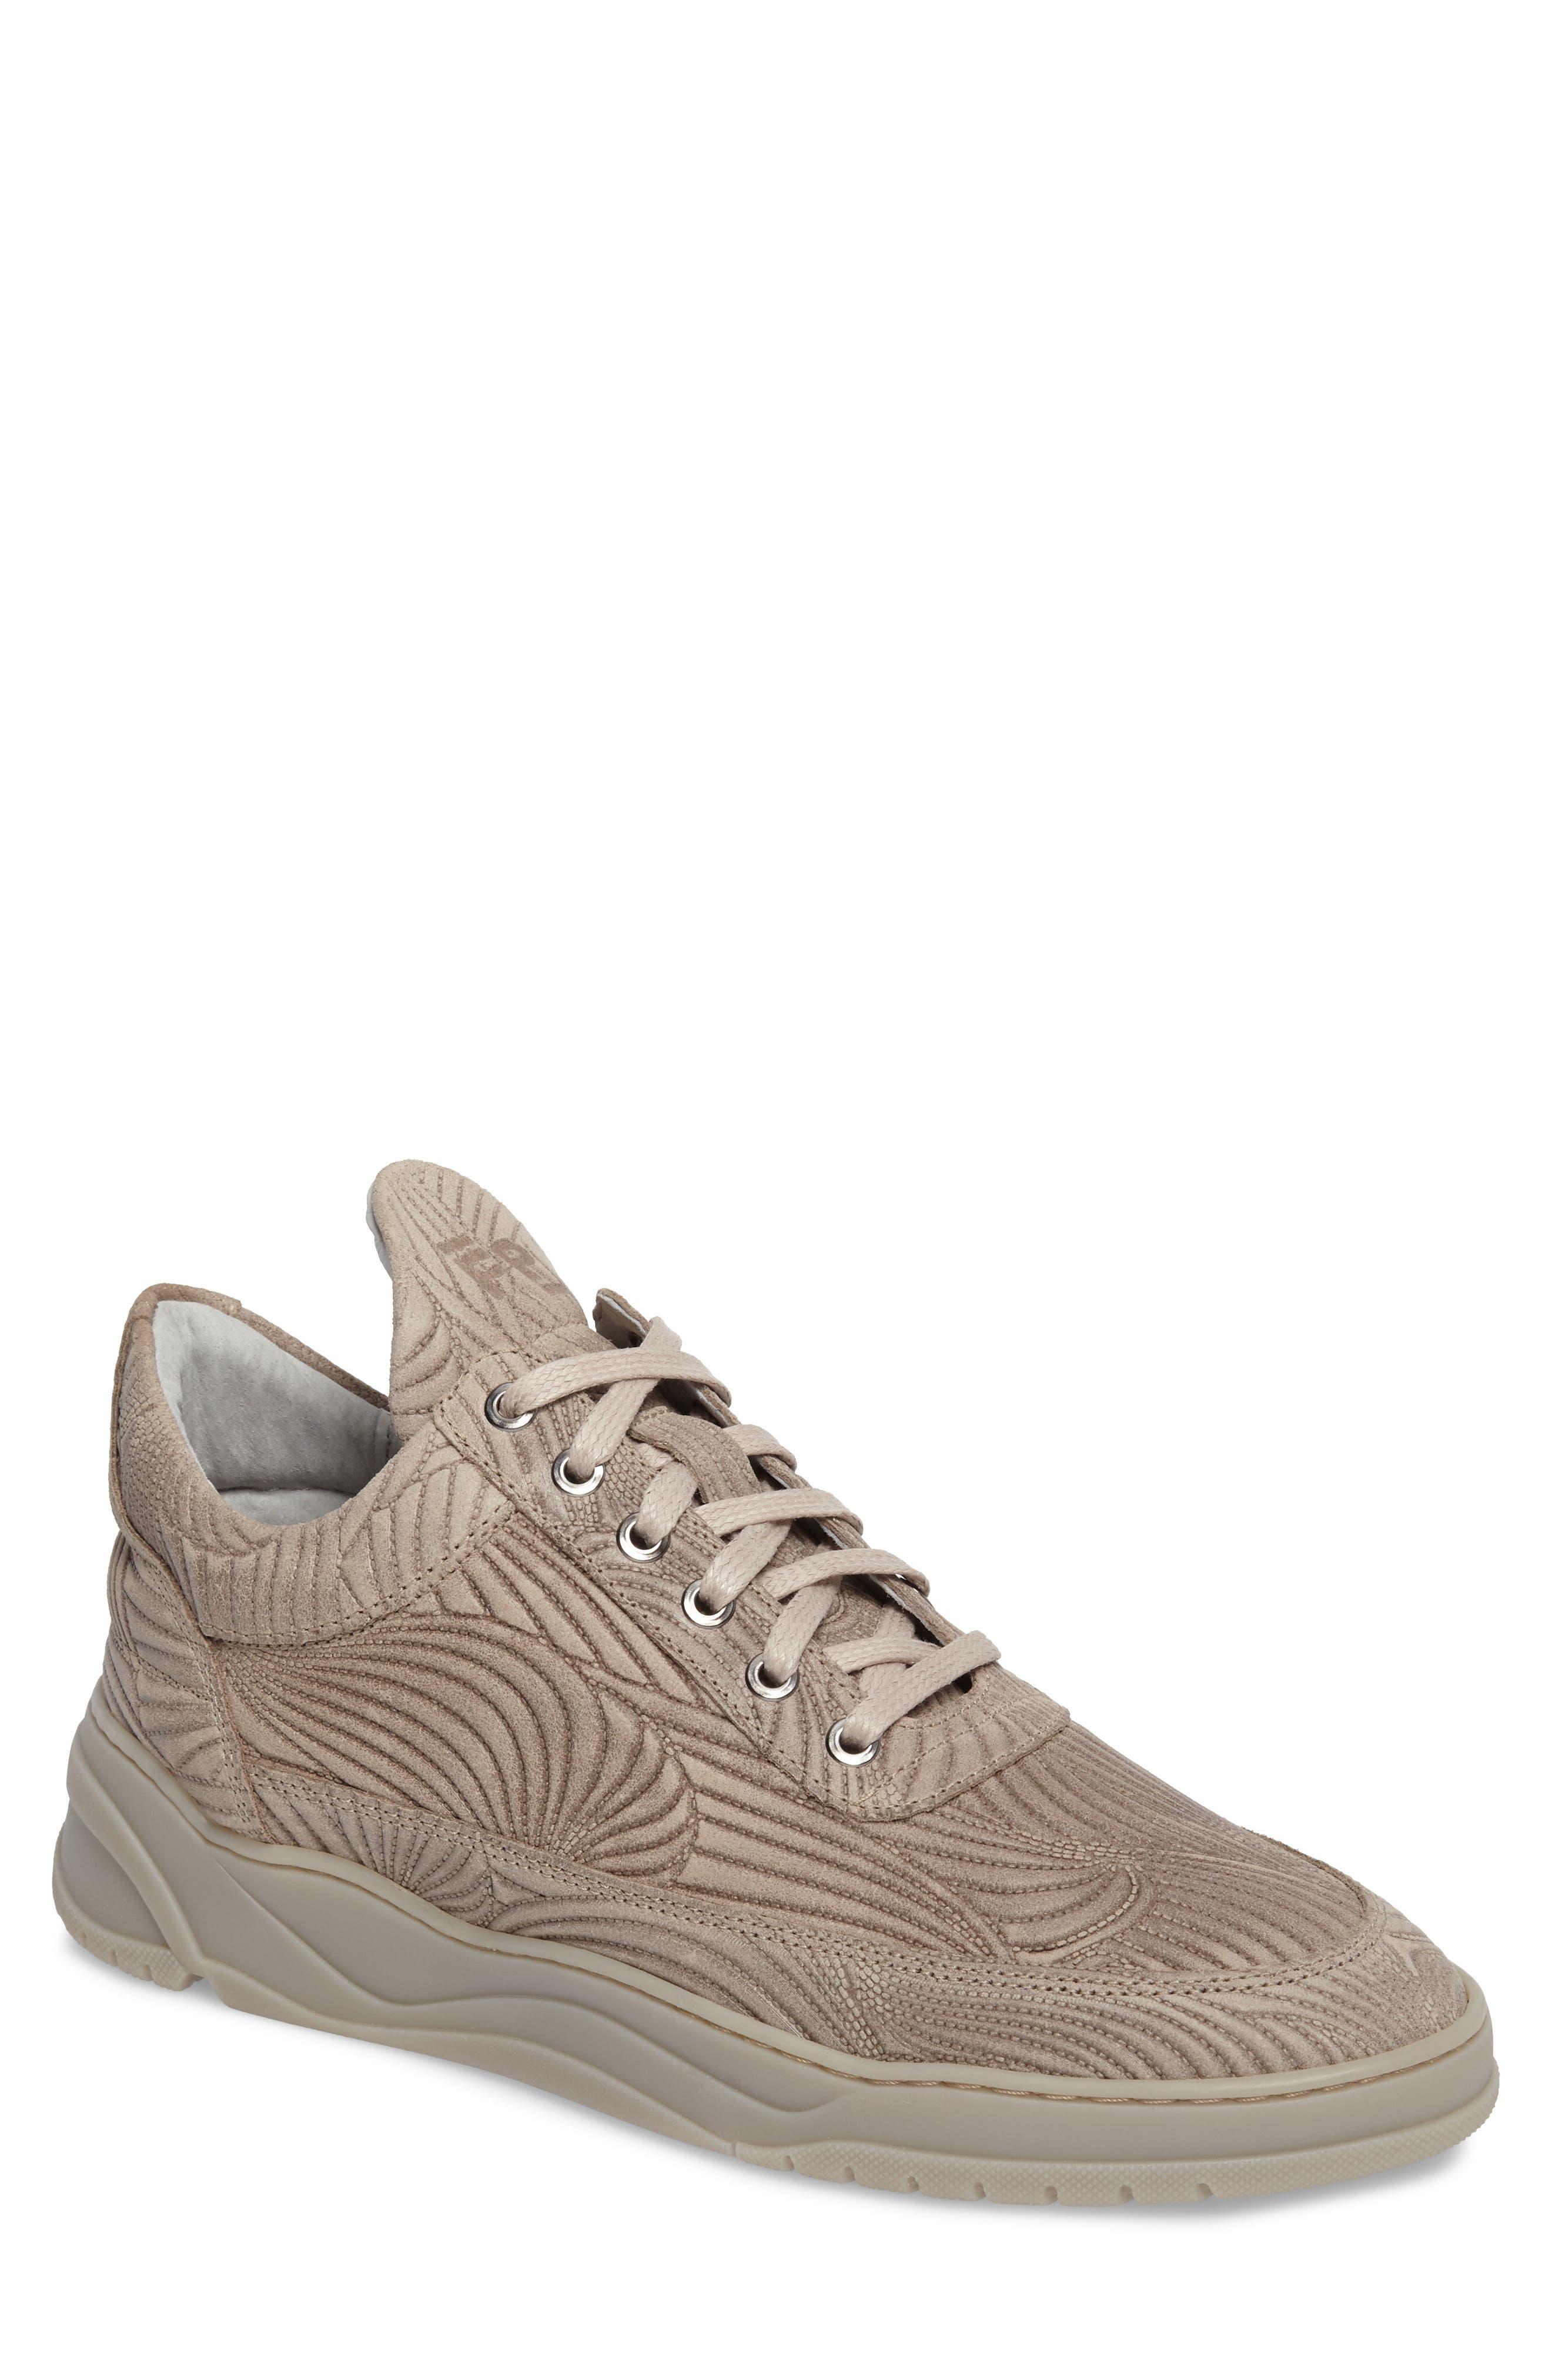 Astro Joichi Sneaker,                         Main,                         color, 270